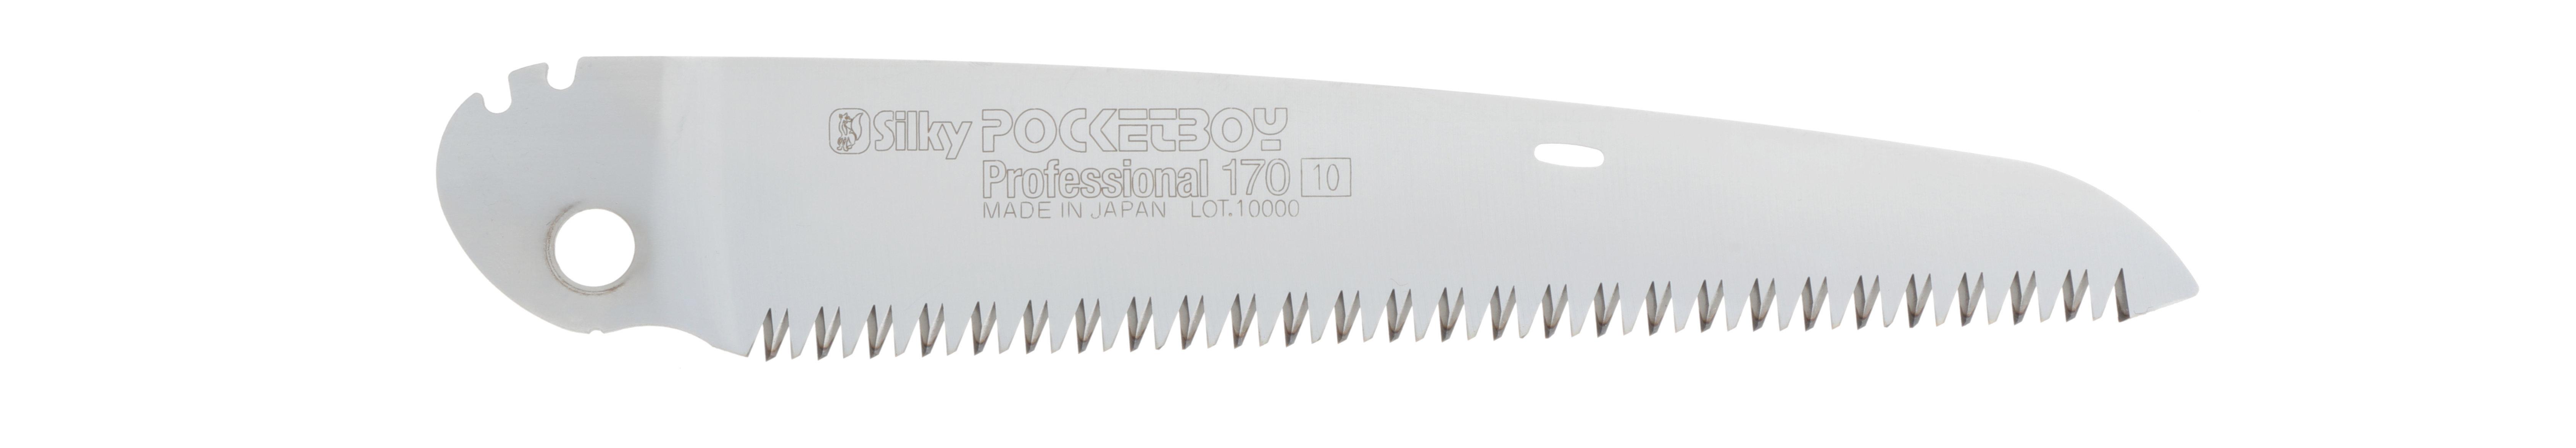 POCKETBOY 170 (LG Teeth) Extra blade SI-341-17